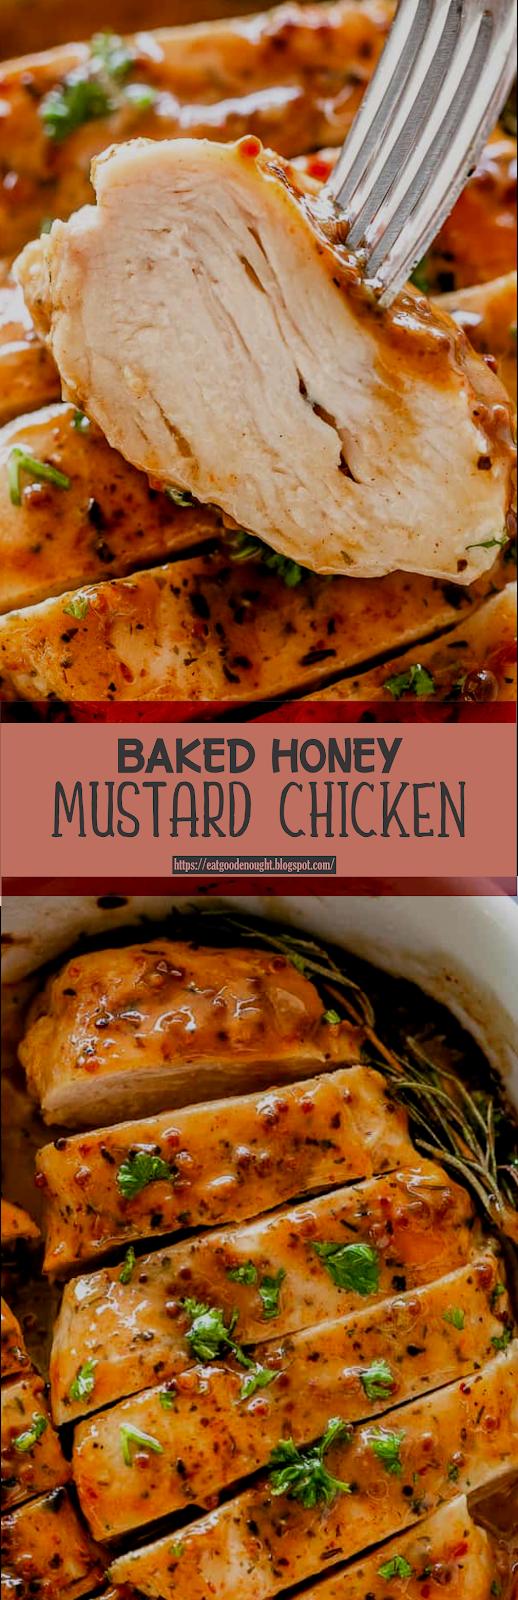 Baked Honey Mustard Chicken Eat